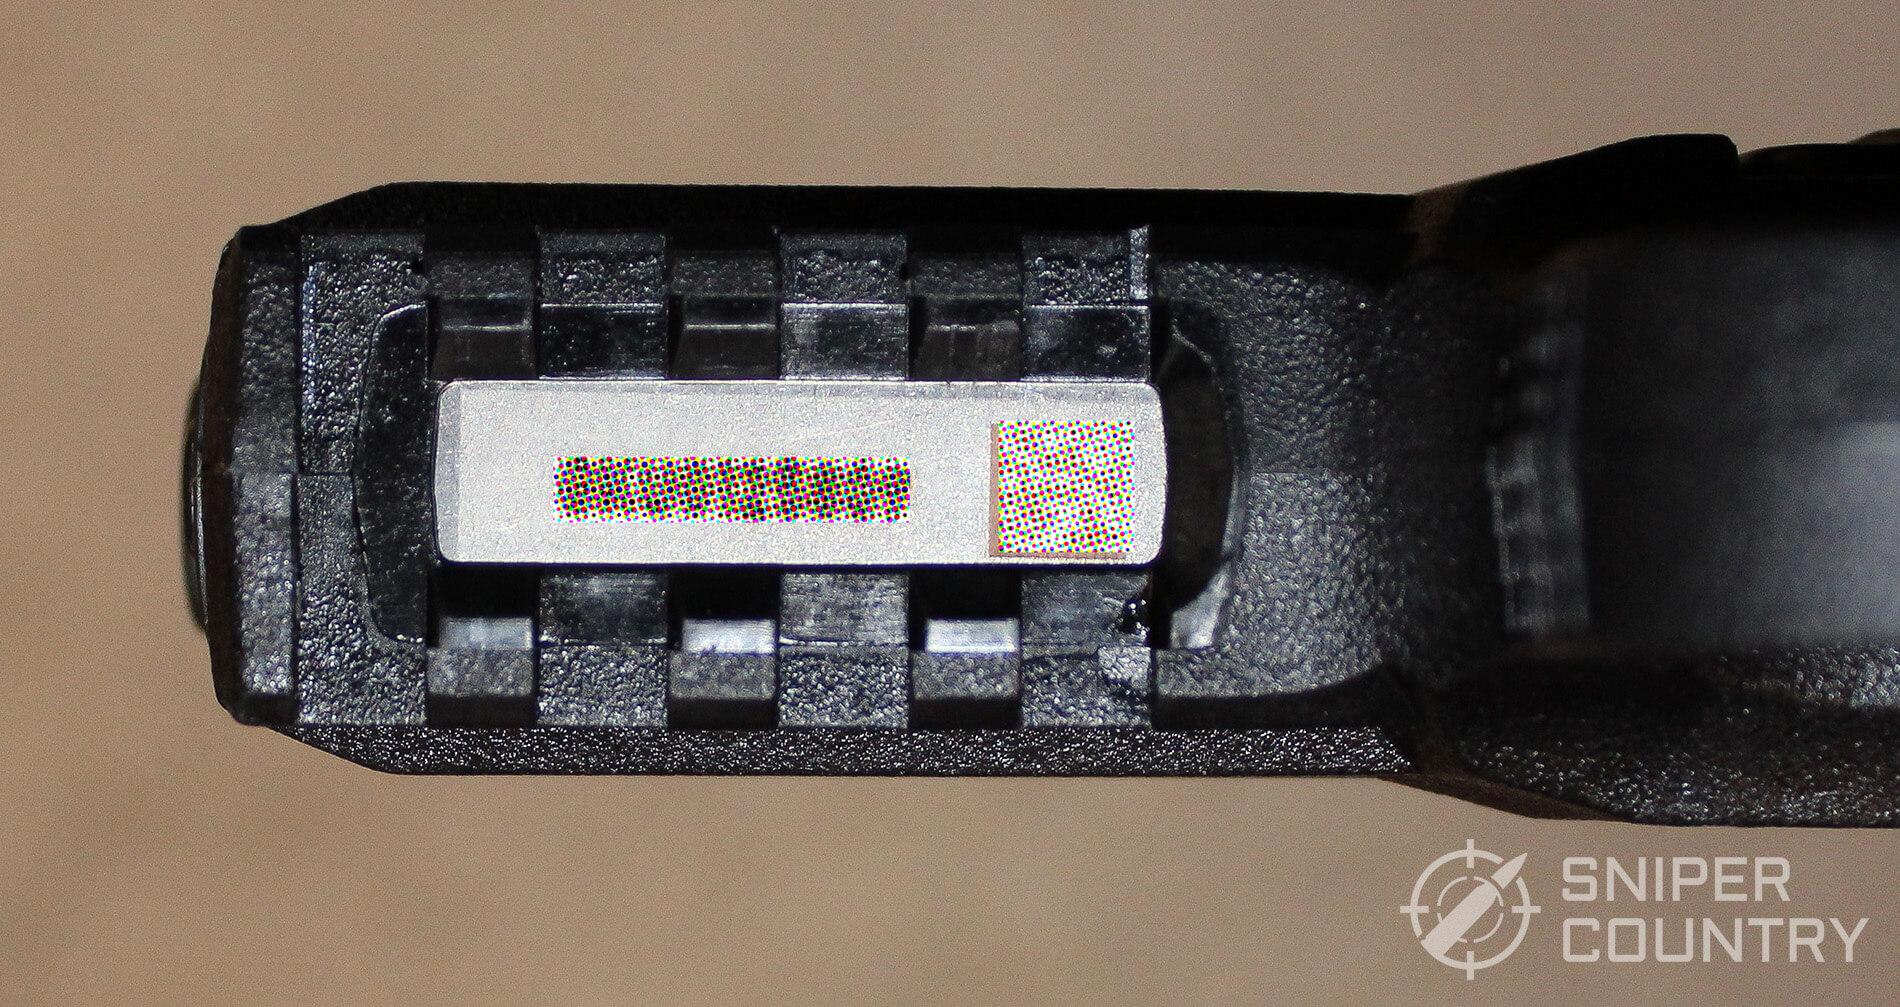 FNS-9 dustcover rail